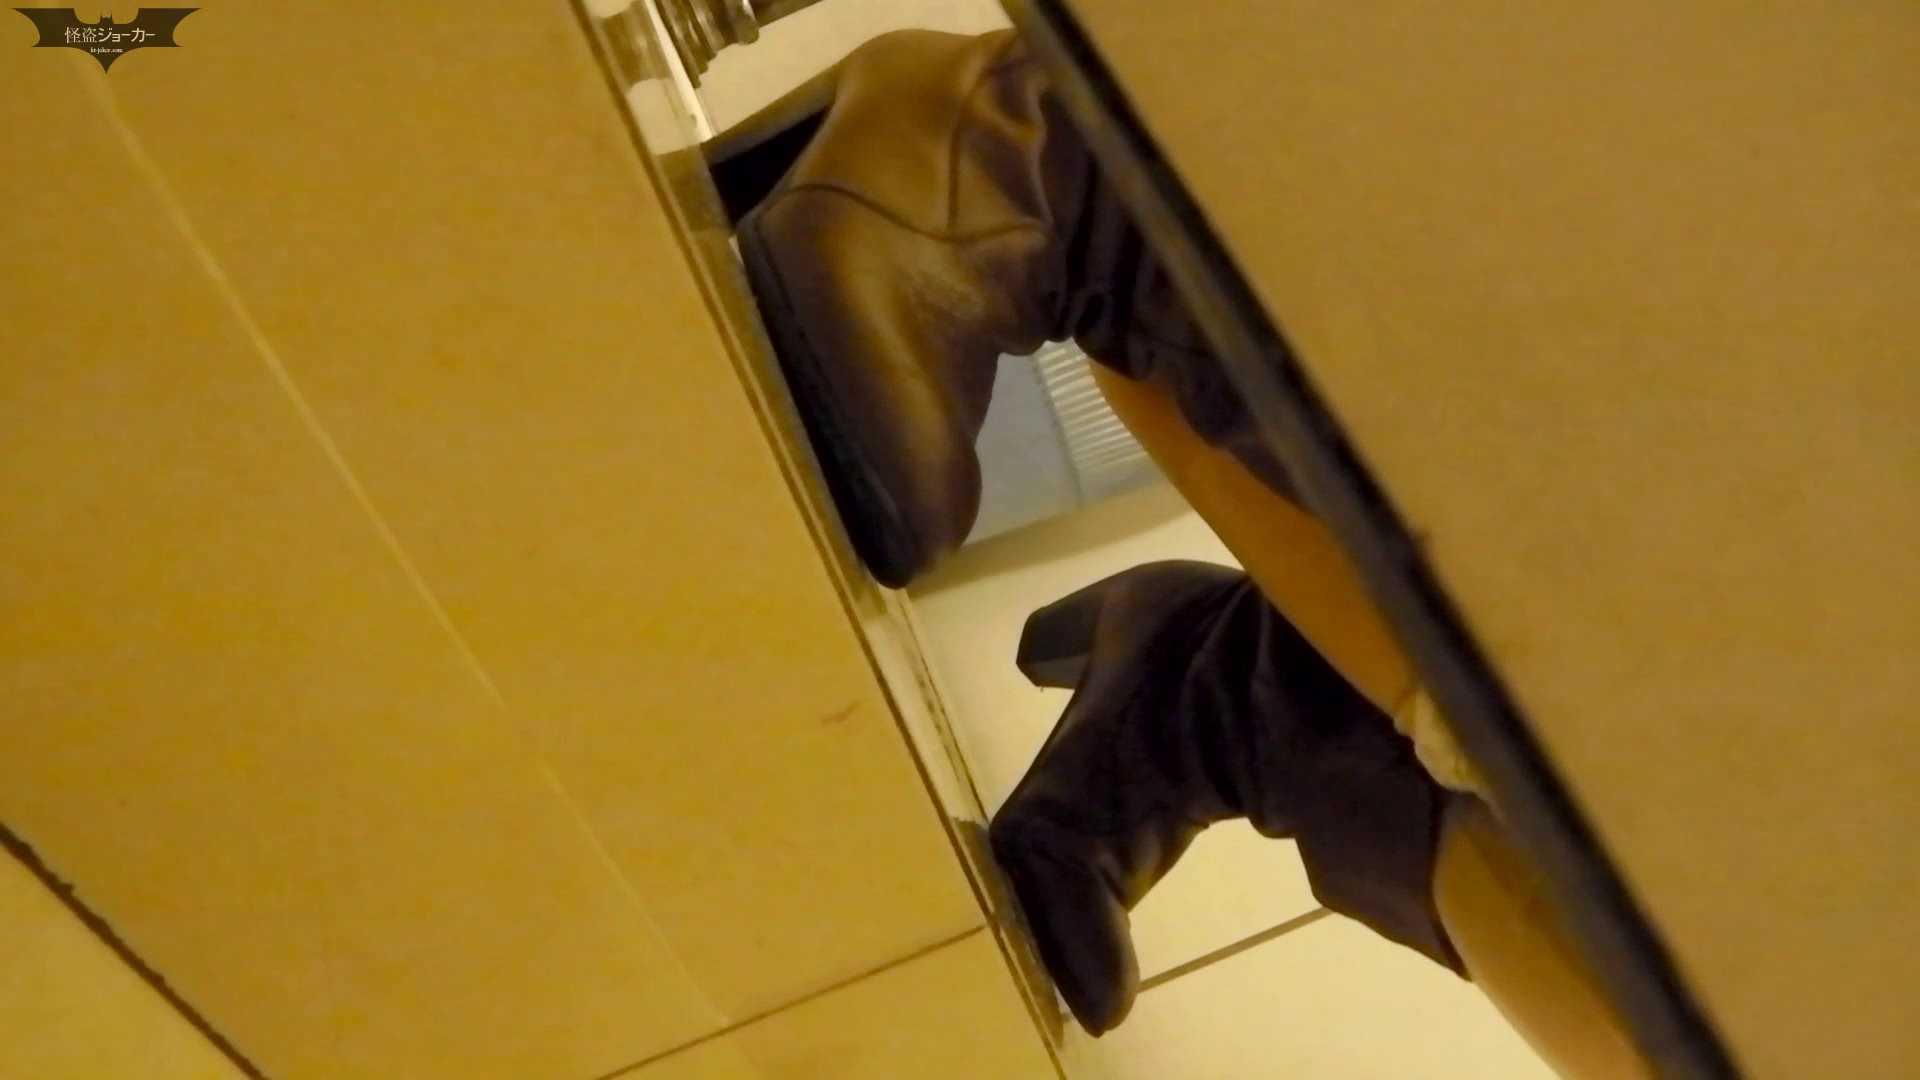 おまんこ丸見え:新世界の射窓 No65 これぞ究極追い撮り!売場でみかけた可愛い子:怪盗ジョーカー